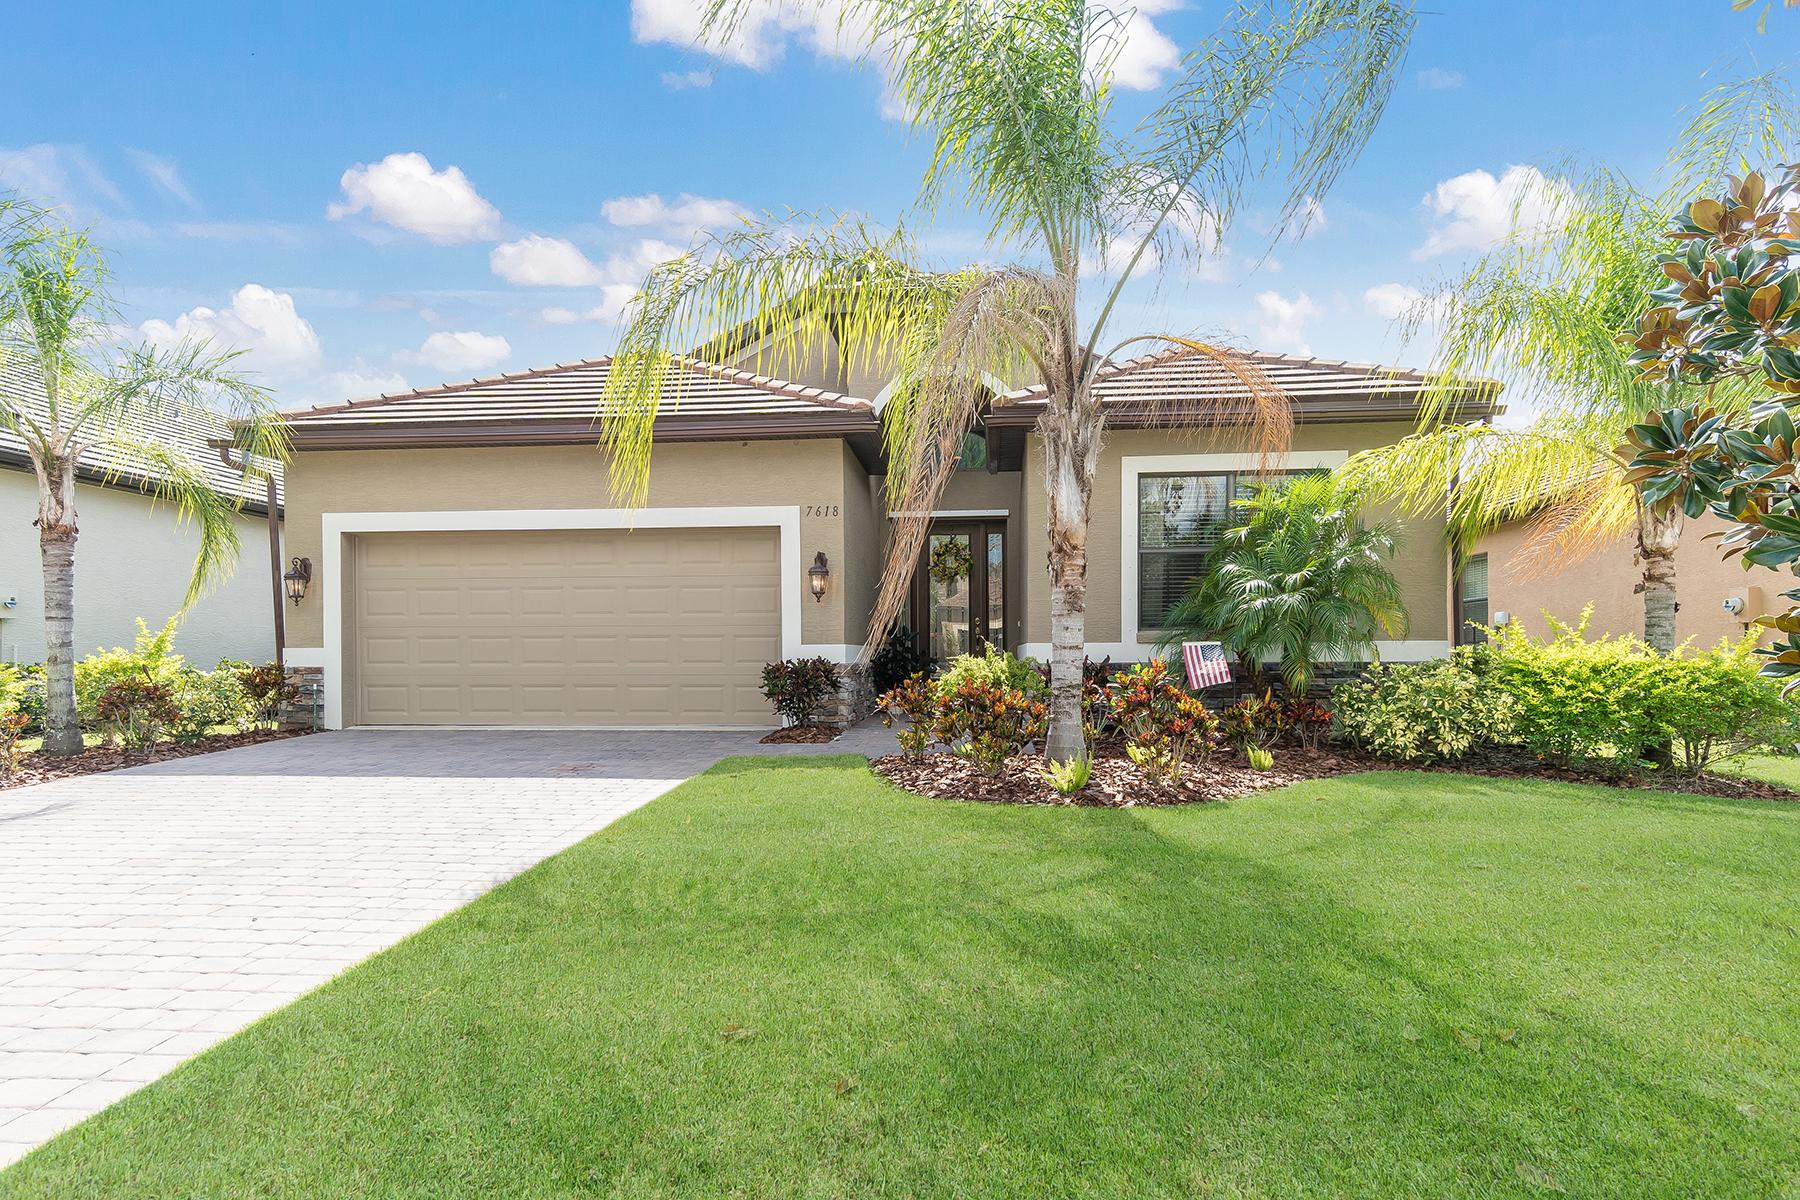 Nhà ở một gia đình vì Bán tại RIVA TRACE 7618 Rio Bella Pl University Park, Florida, 34201 Hoa Kỳ